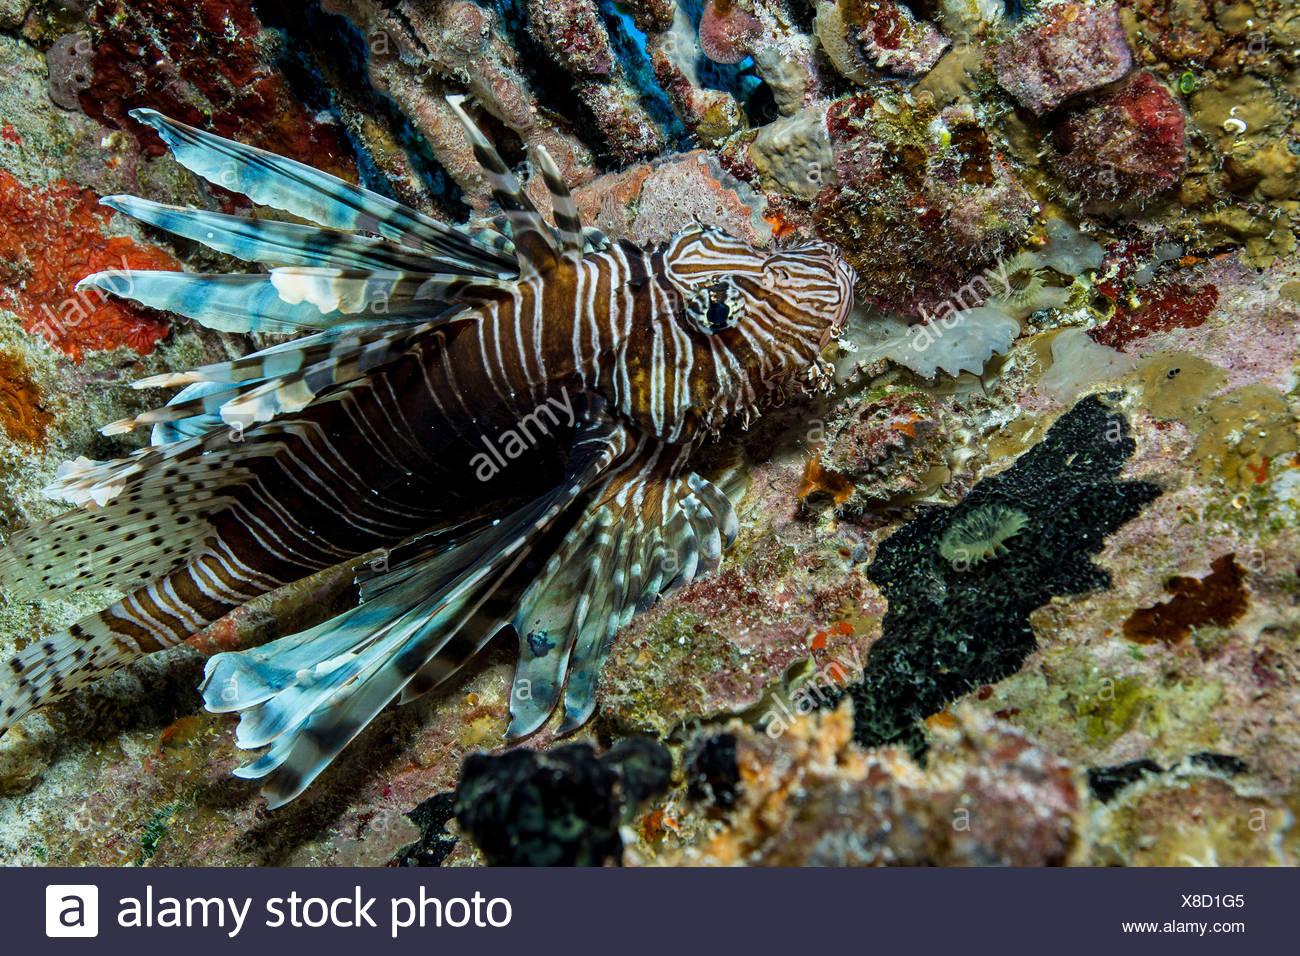 Feuerfische in unnatürlichen Lebensraum Stockbild